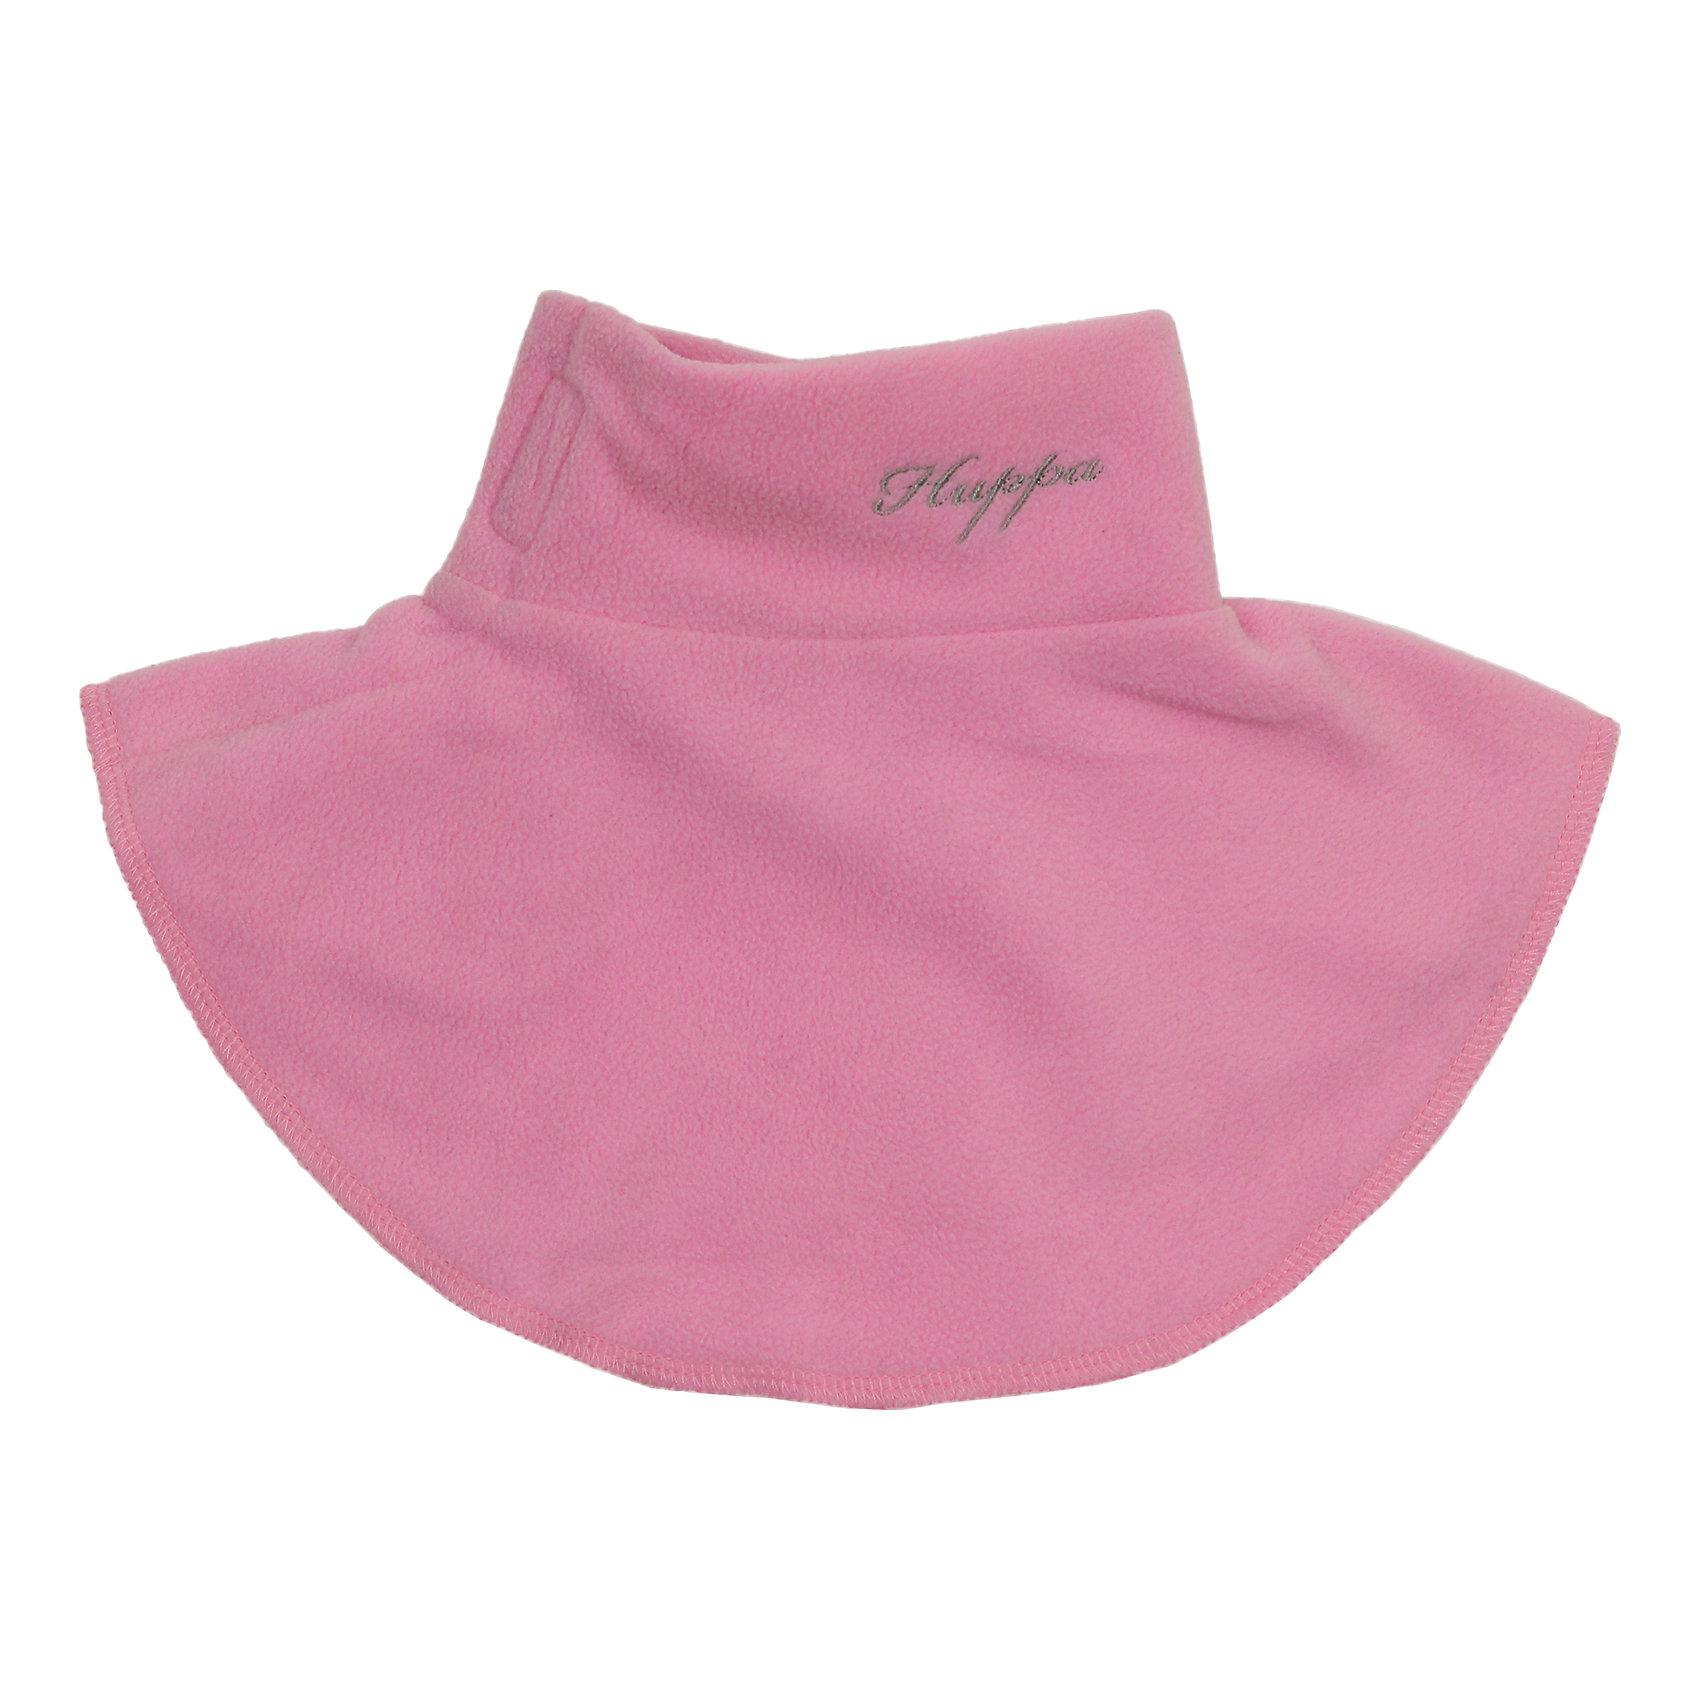 Манишка для девочки HuppaШарфы, платки<br>Детский воротник из мягкого флиса ярких оттенков, который все дети с удовольствием наденут под верхнюю одежду. Для удобства ношения на воротнике имеется застежка-липучка. Воротник хорошо подходит для прогулок во дворе, потому что защищает шею от ветра и ребенку легко его надевать самому.<br><br>Дополнительная информация:<br><br>Ткань: флис - 100% полиэстер<br><br>Манишку для девочки Huppa (Хуппа) можно купить в нашем магазине.<br><br>Ширина мм: 89<br>Глубина мм: 117<br>Высота мм: 44<br>Вес г: 155<br>Цвет: розовый<br>Возраст от месяцев: 0<br>Возраст до месяцев: 6<br>Пол: Женский<br>Возраст: Детский<br>Размер: one size<br>SKU: 4243078